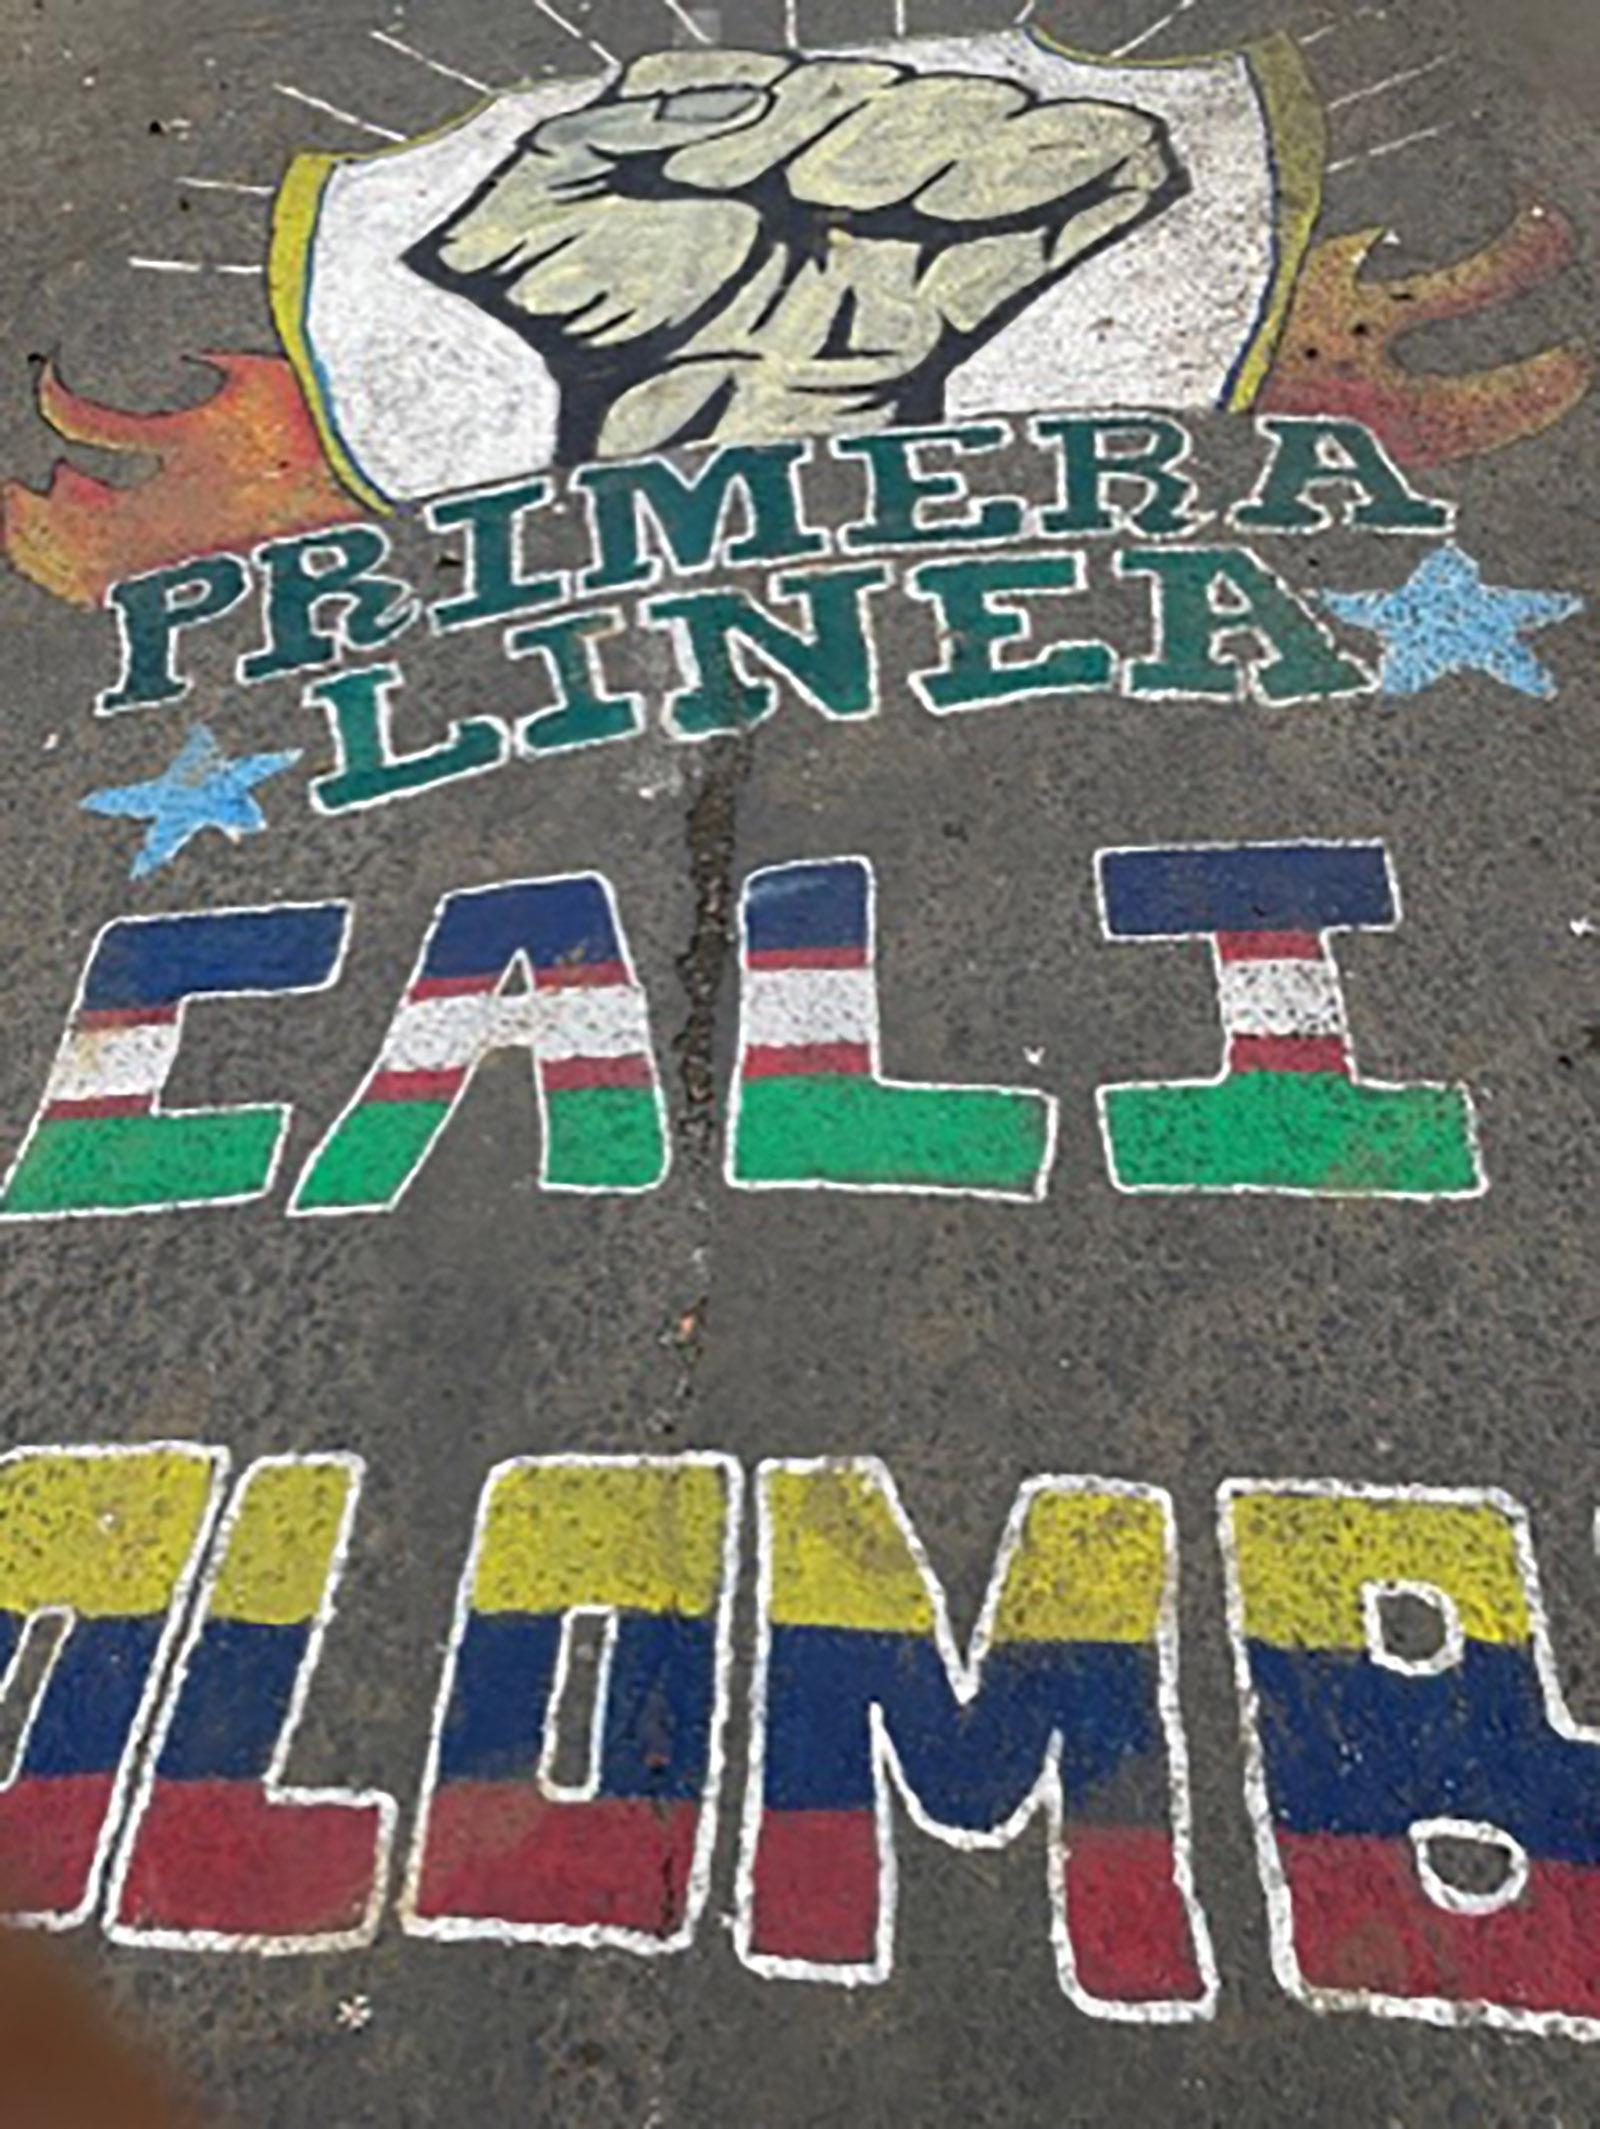 Puerto Resistencia, Cali, Colombia, May 2021